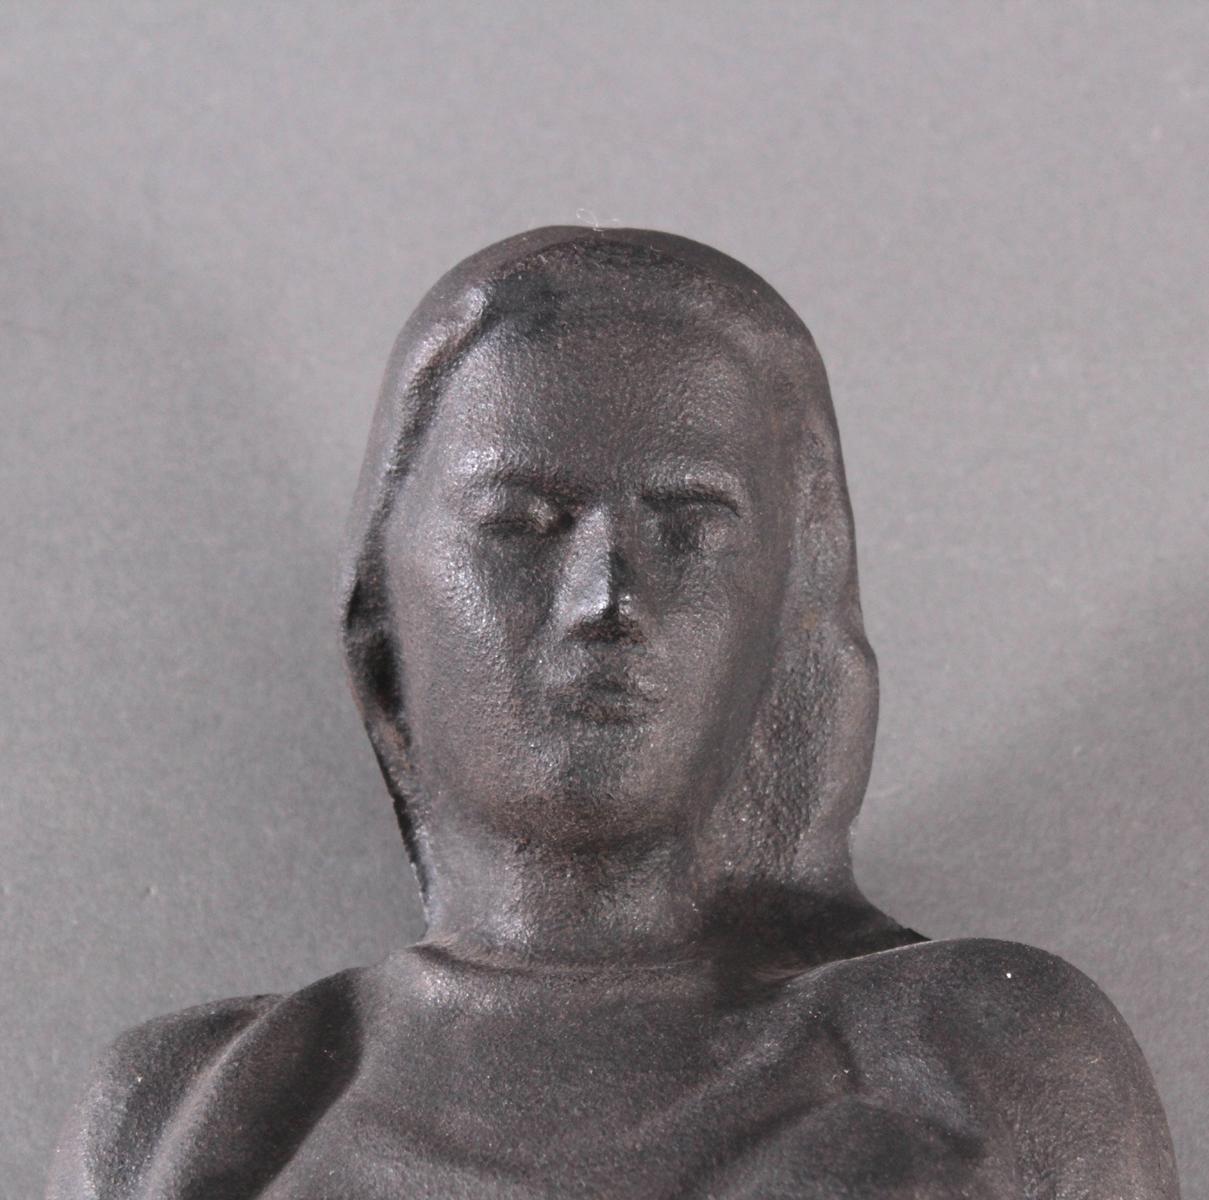 Eisenskulptur 'Heilige Barbara', 2. Hälfte 20. Jh.-2